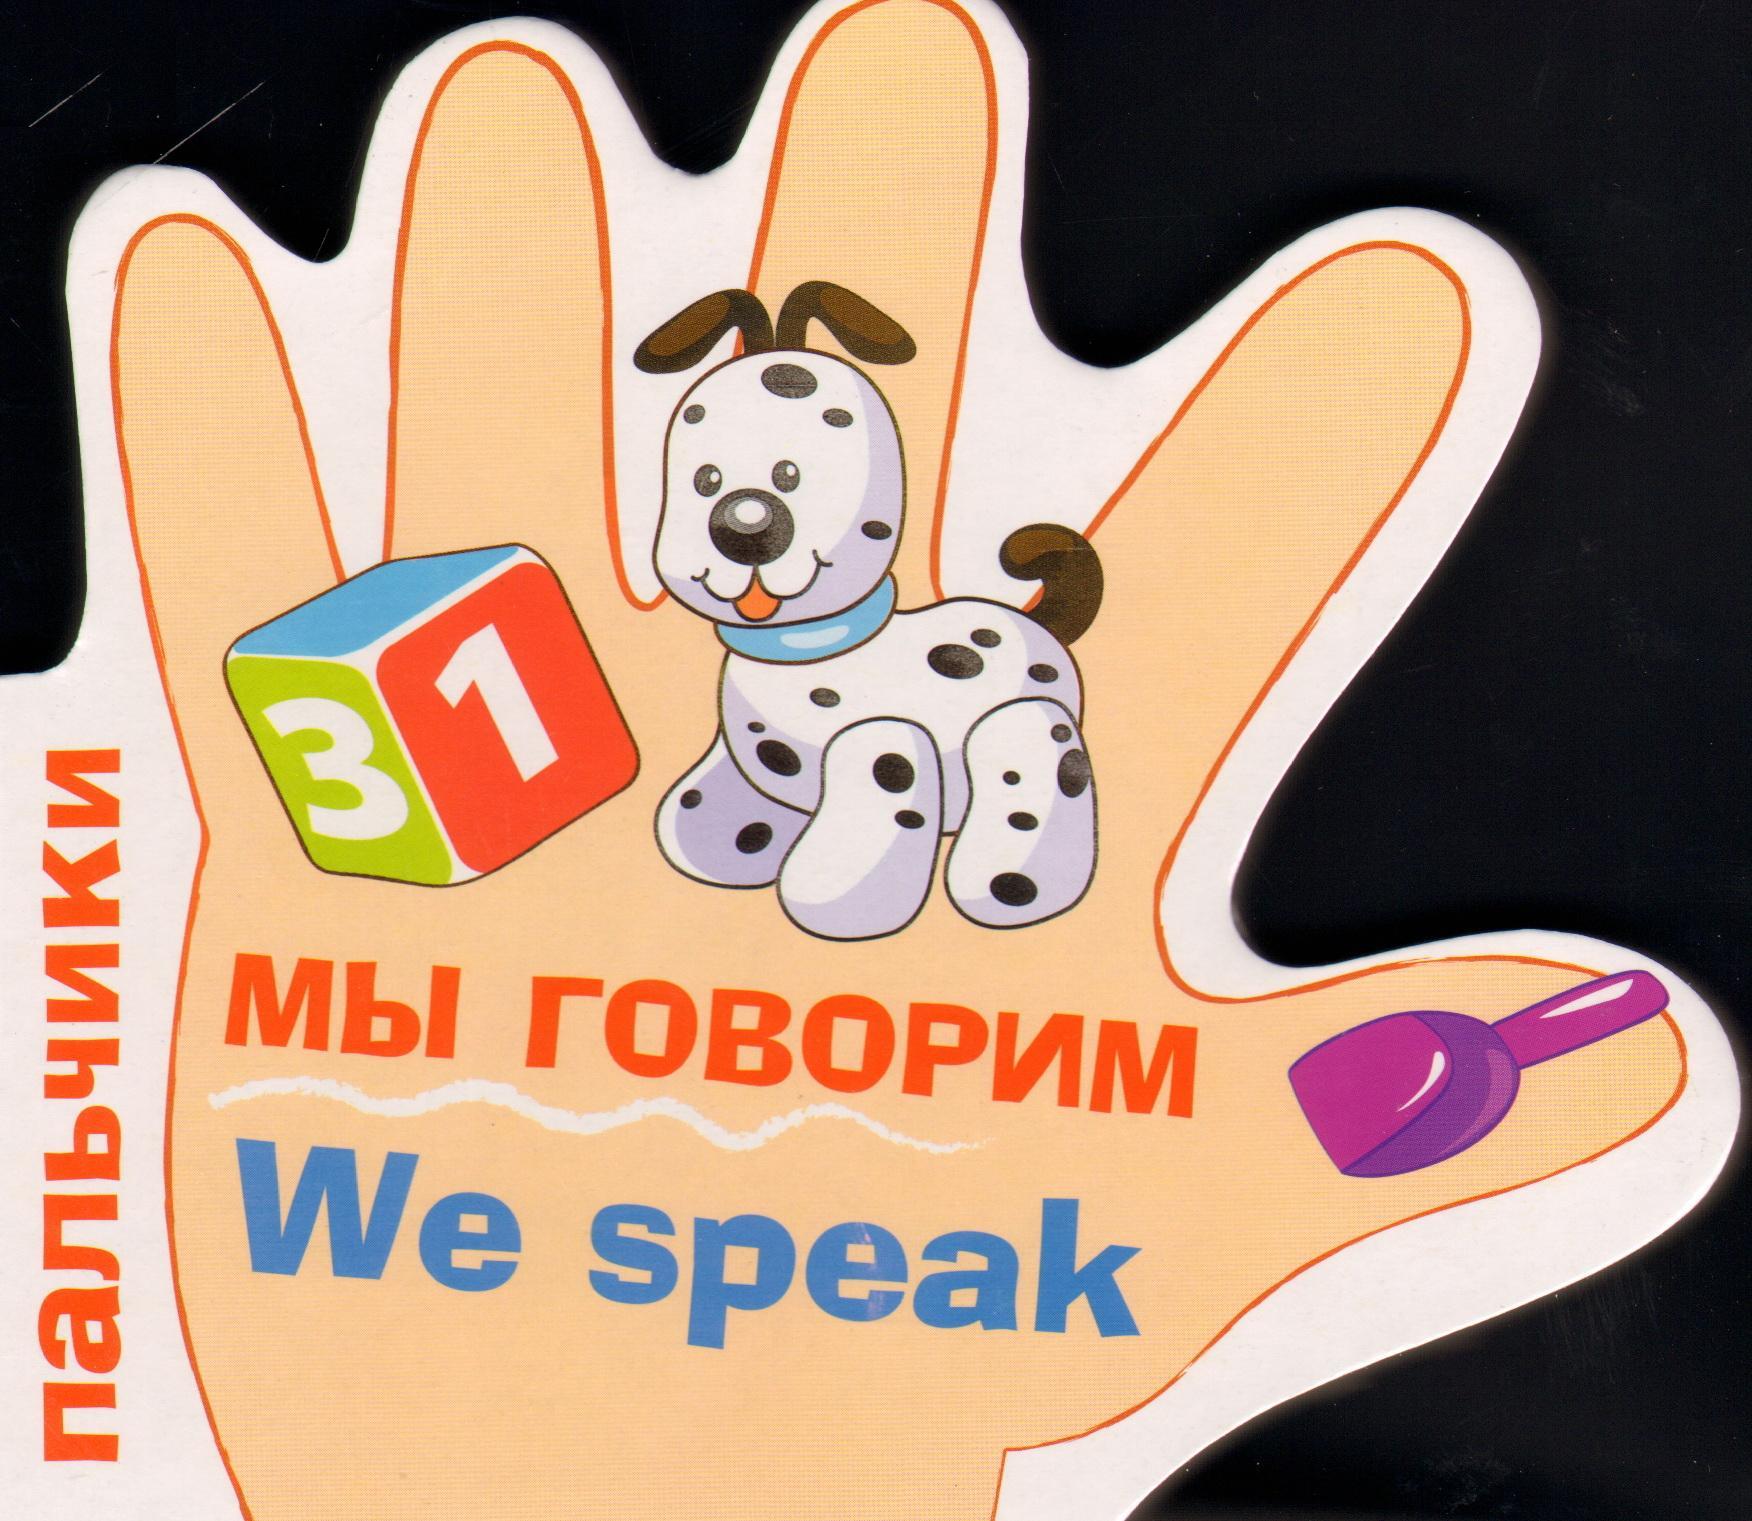 Мы говорим